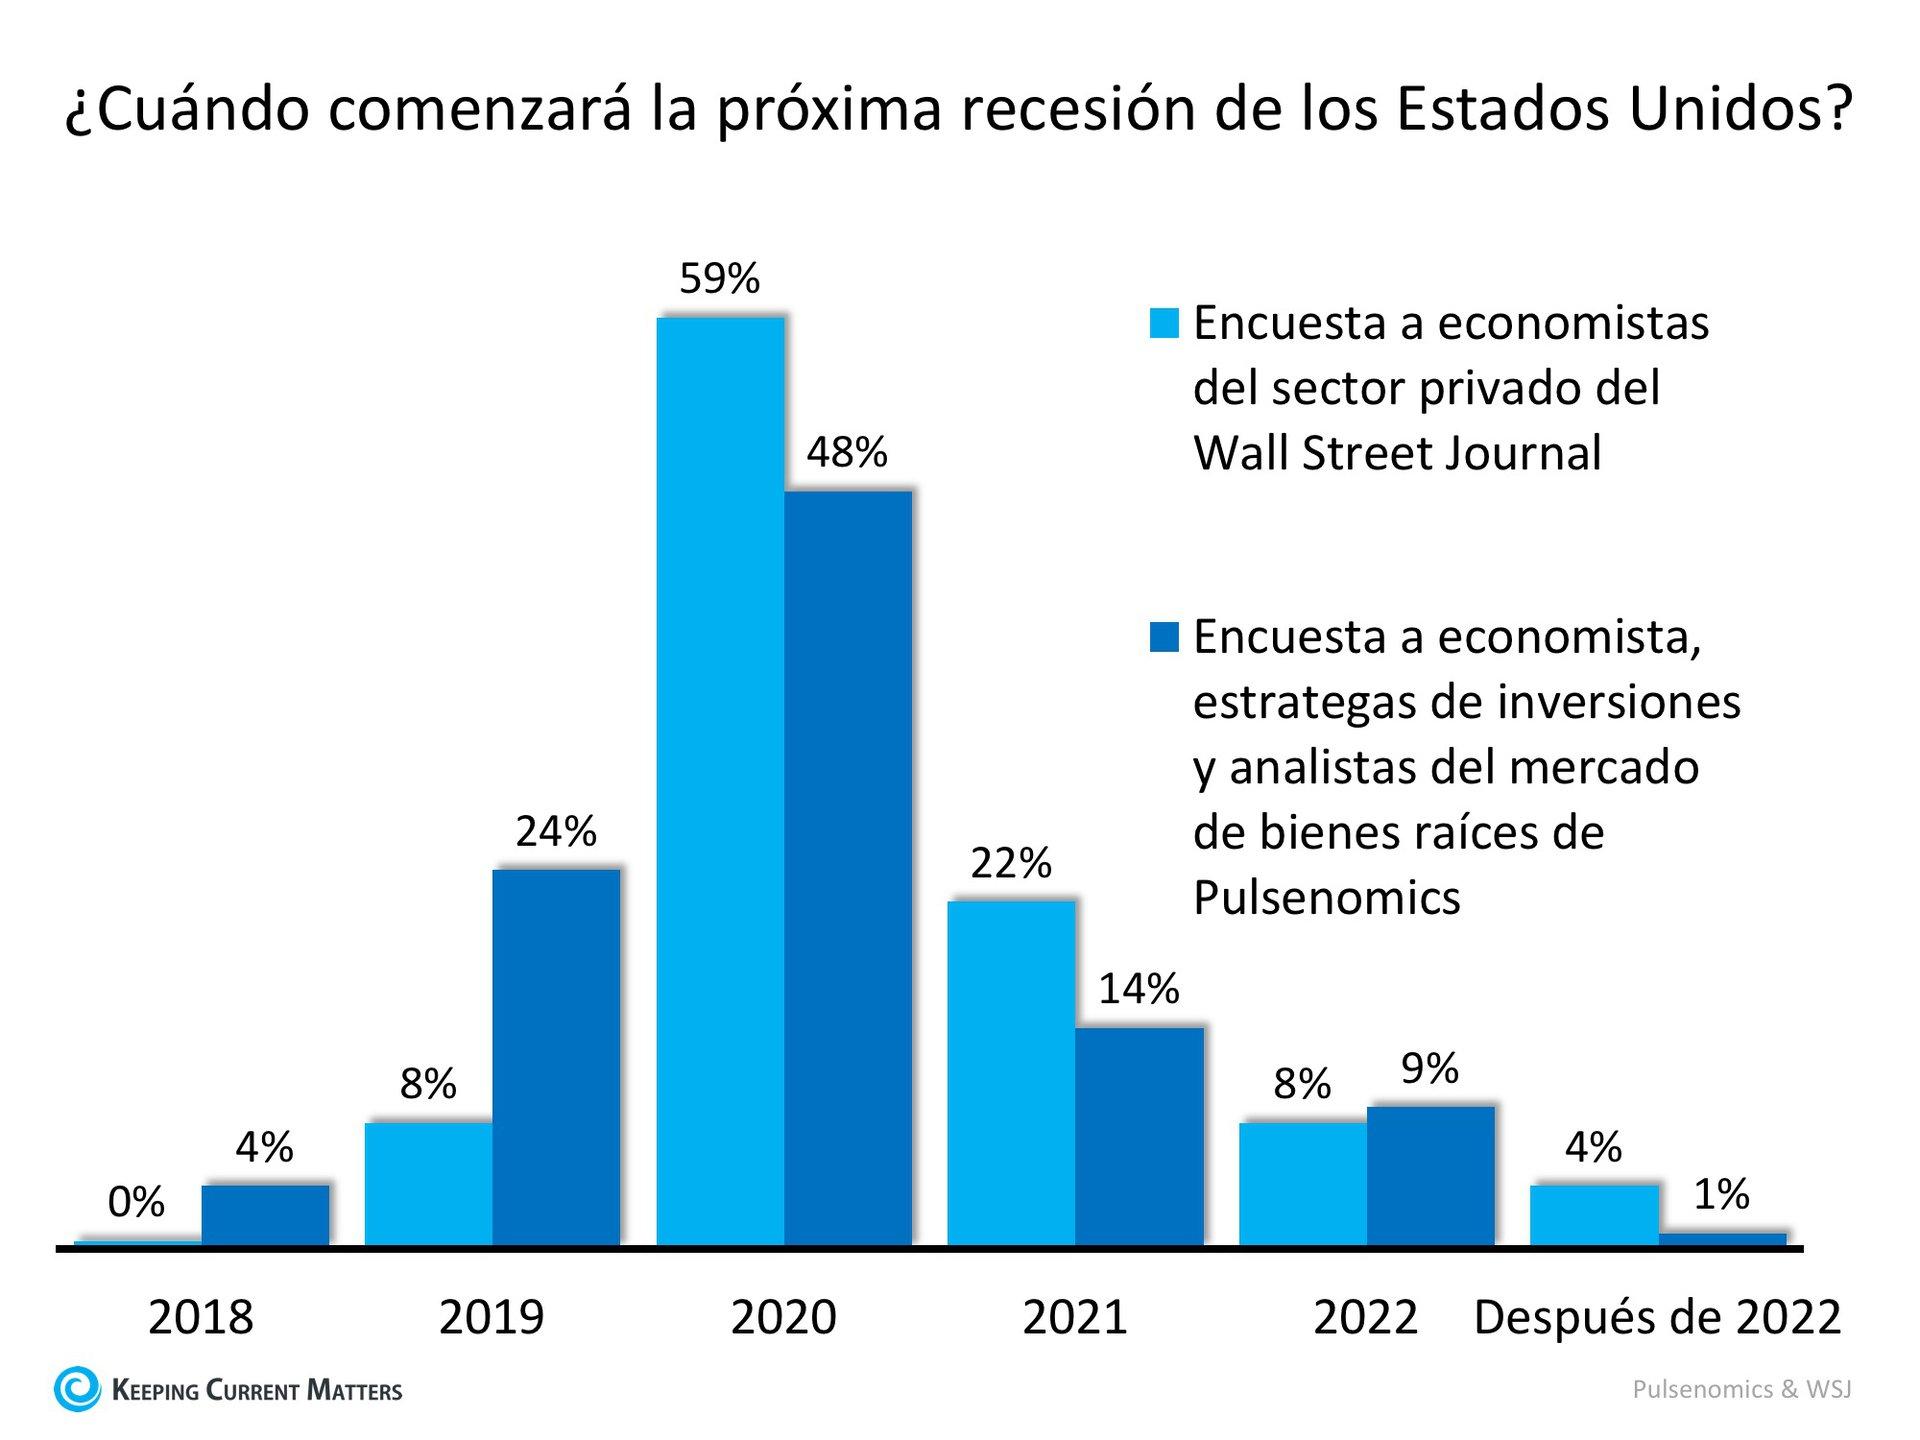 ¿Próxima recesión en 2020? ¿Cuál será el impacto? | Keeping Current Matters